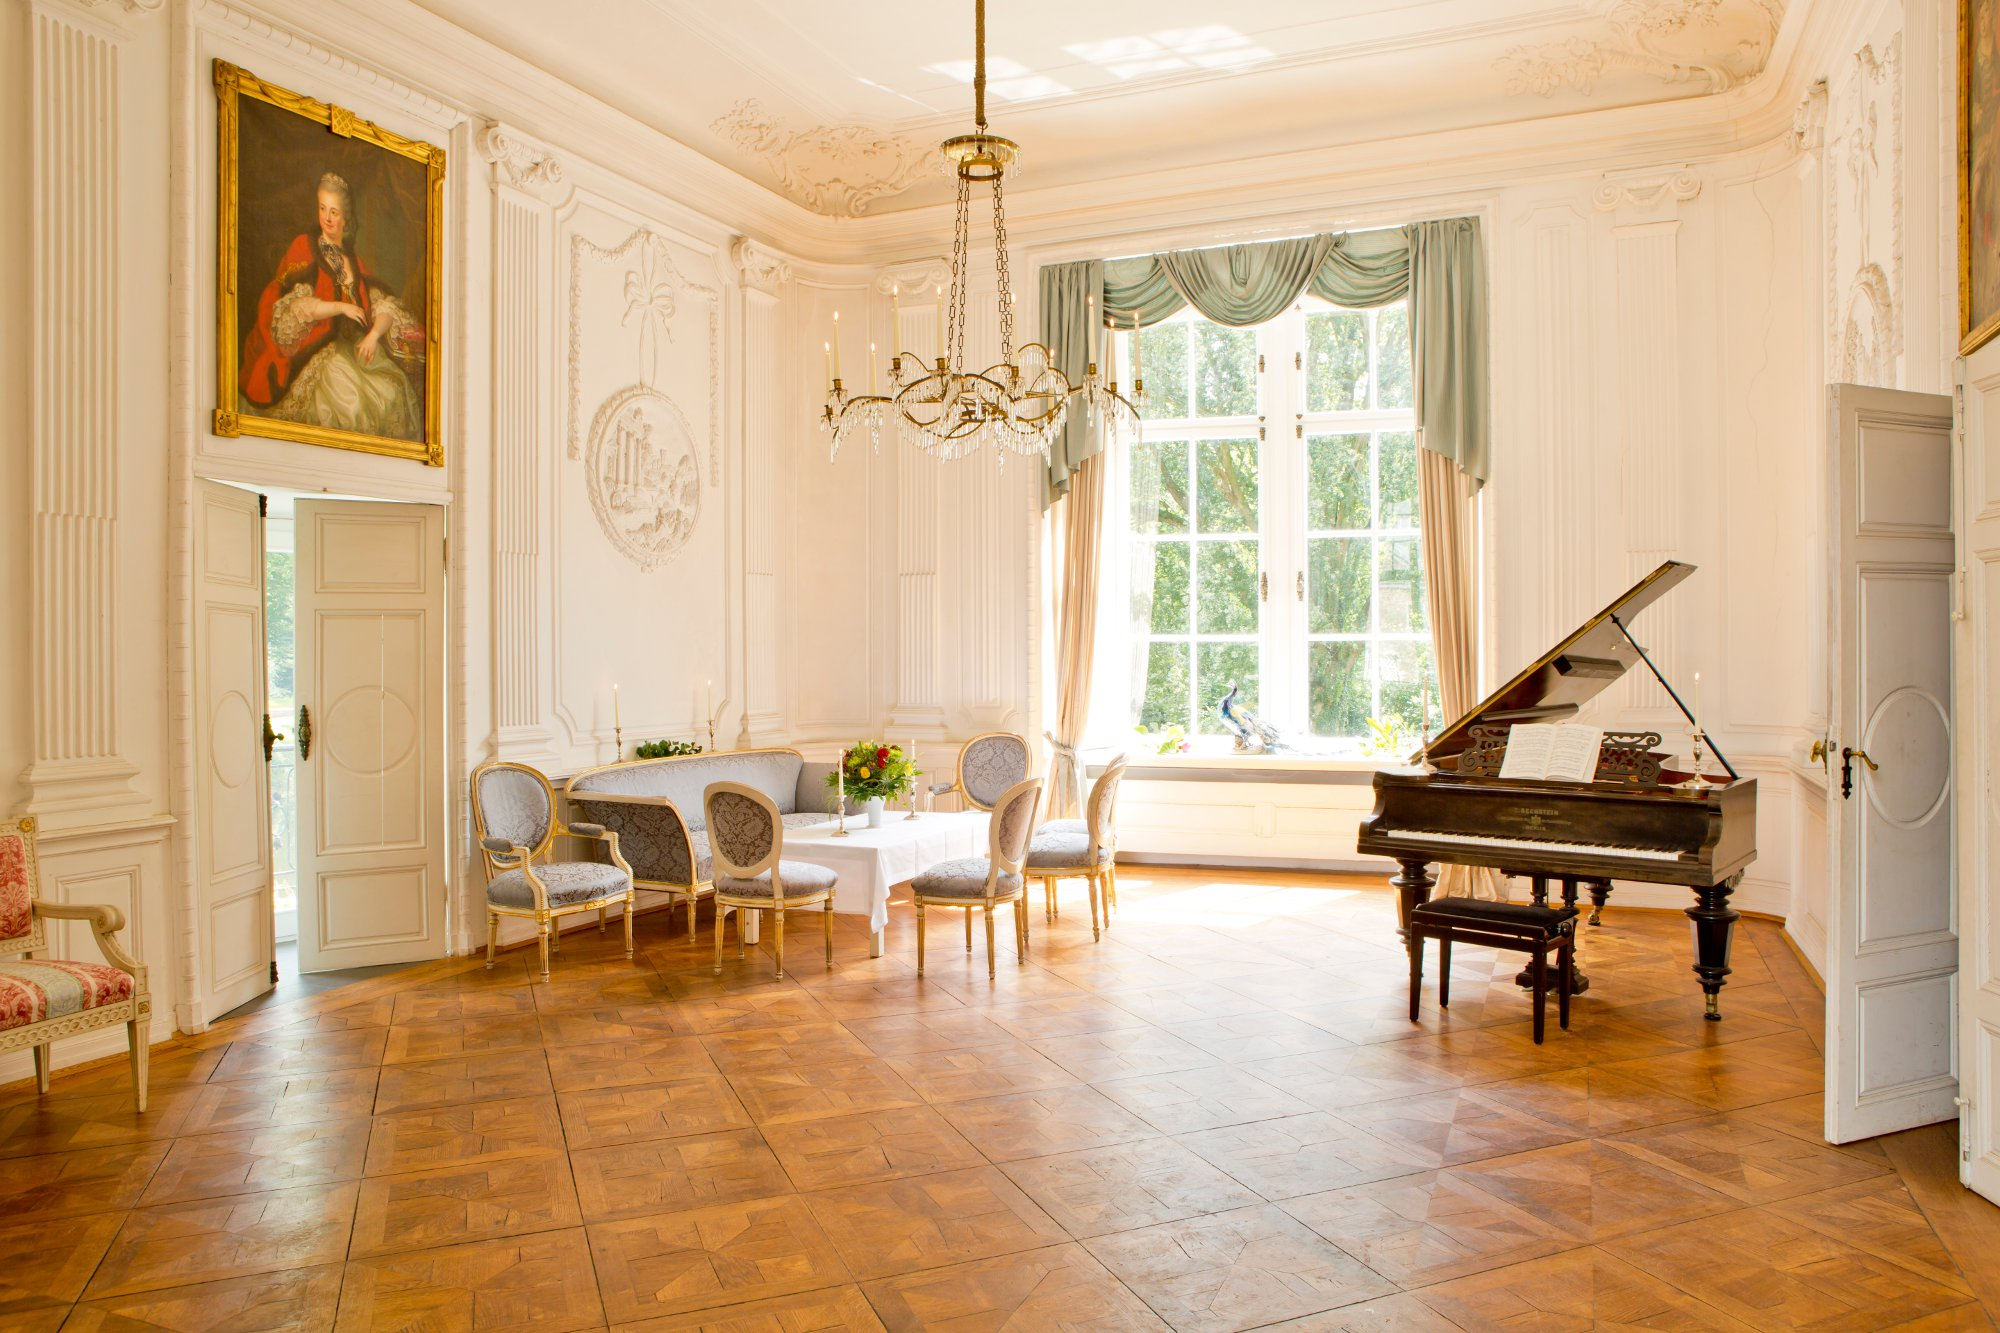 Hotel-Schloss-Wissen-Impression_02